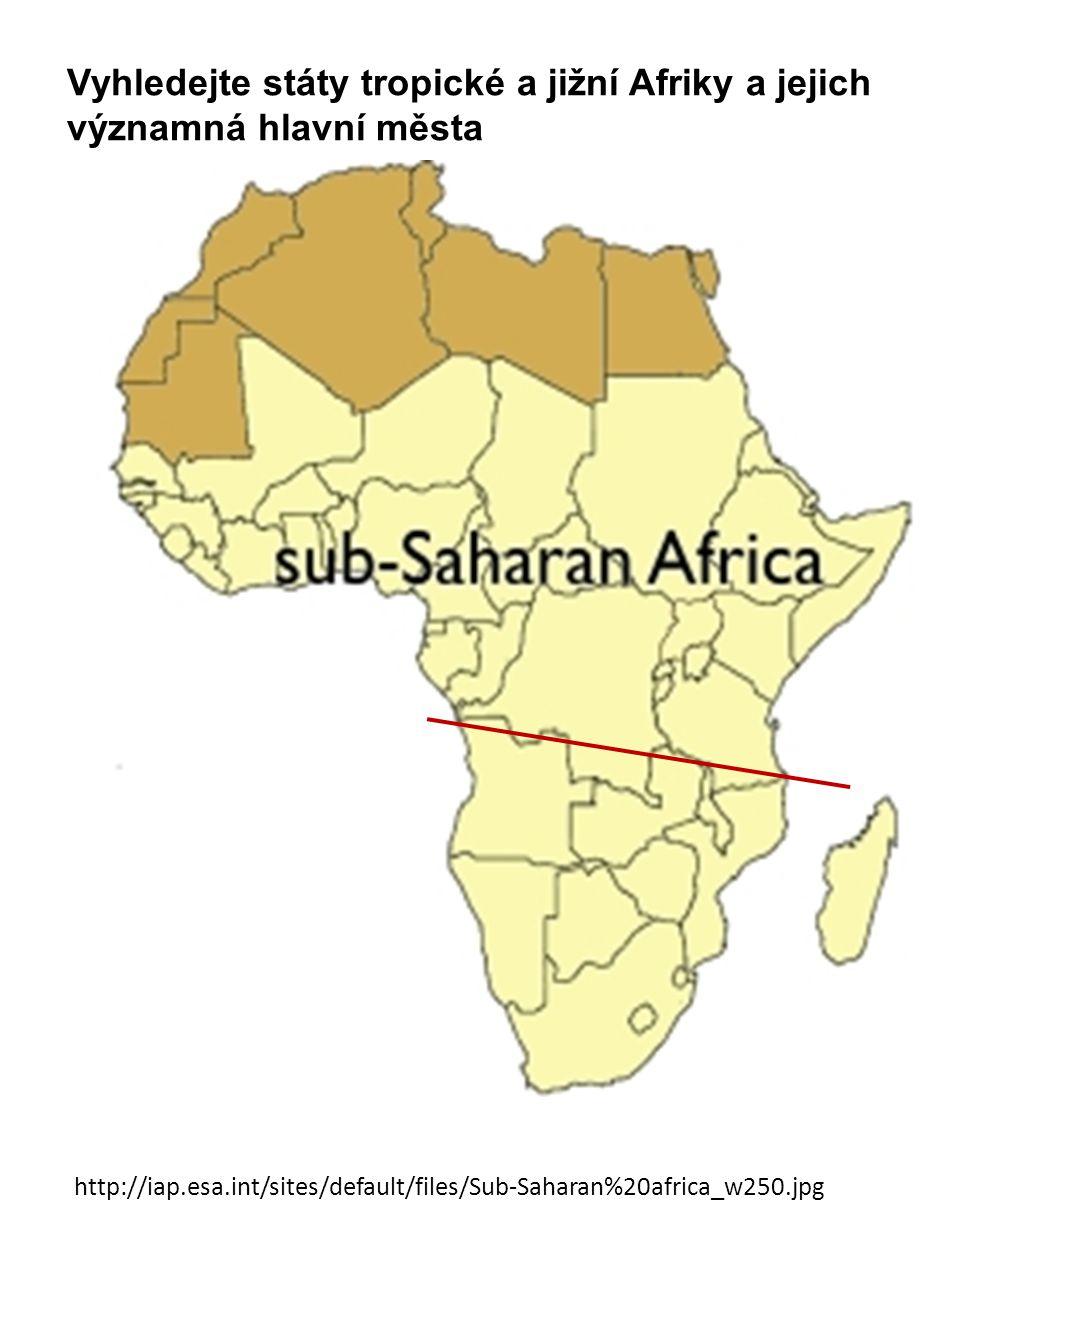 Vyhledejte státy tropické a jižní Afriky a jejich významná hlavní města